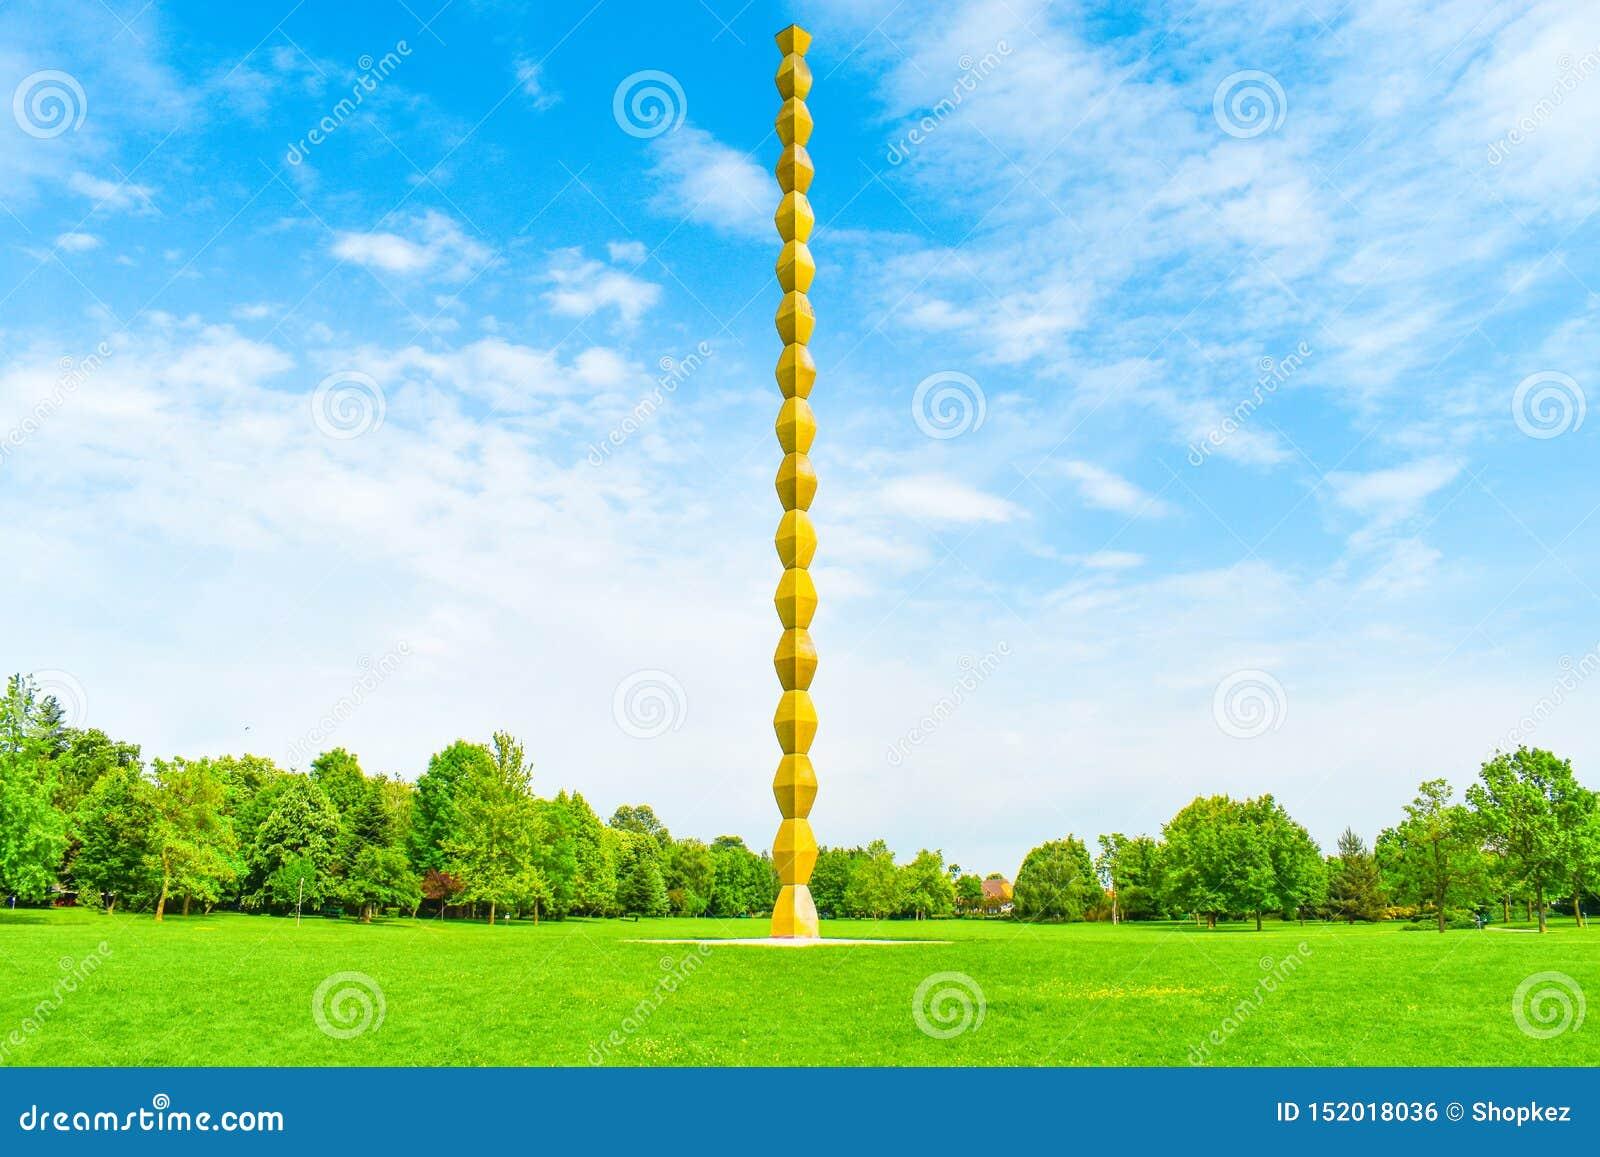 Бесконечный столбец или столбец безграничности в центральном парке от Targu Jiu в летнем дне Бесконечные столбец или Coloana